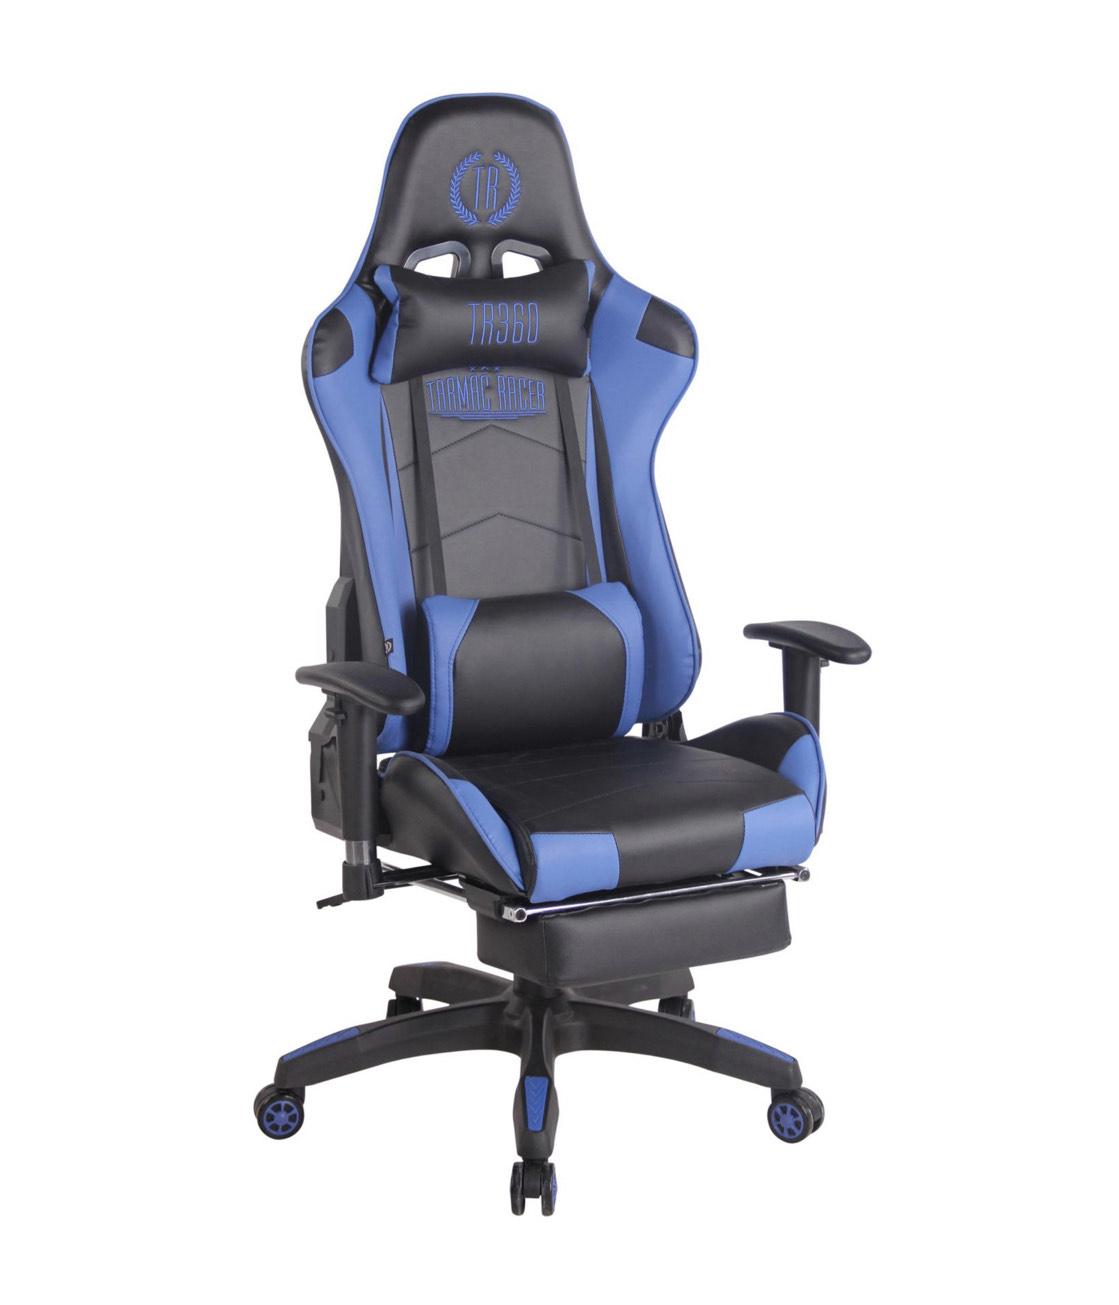 Netto-Online CLP Bürostuhl / Gamingstuhl Turbo XL Kunstleder I Schreibtischstuhl Mit Fußablage I Drehstuhl Max. Belastbarkeit 150 kg